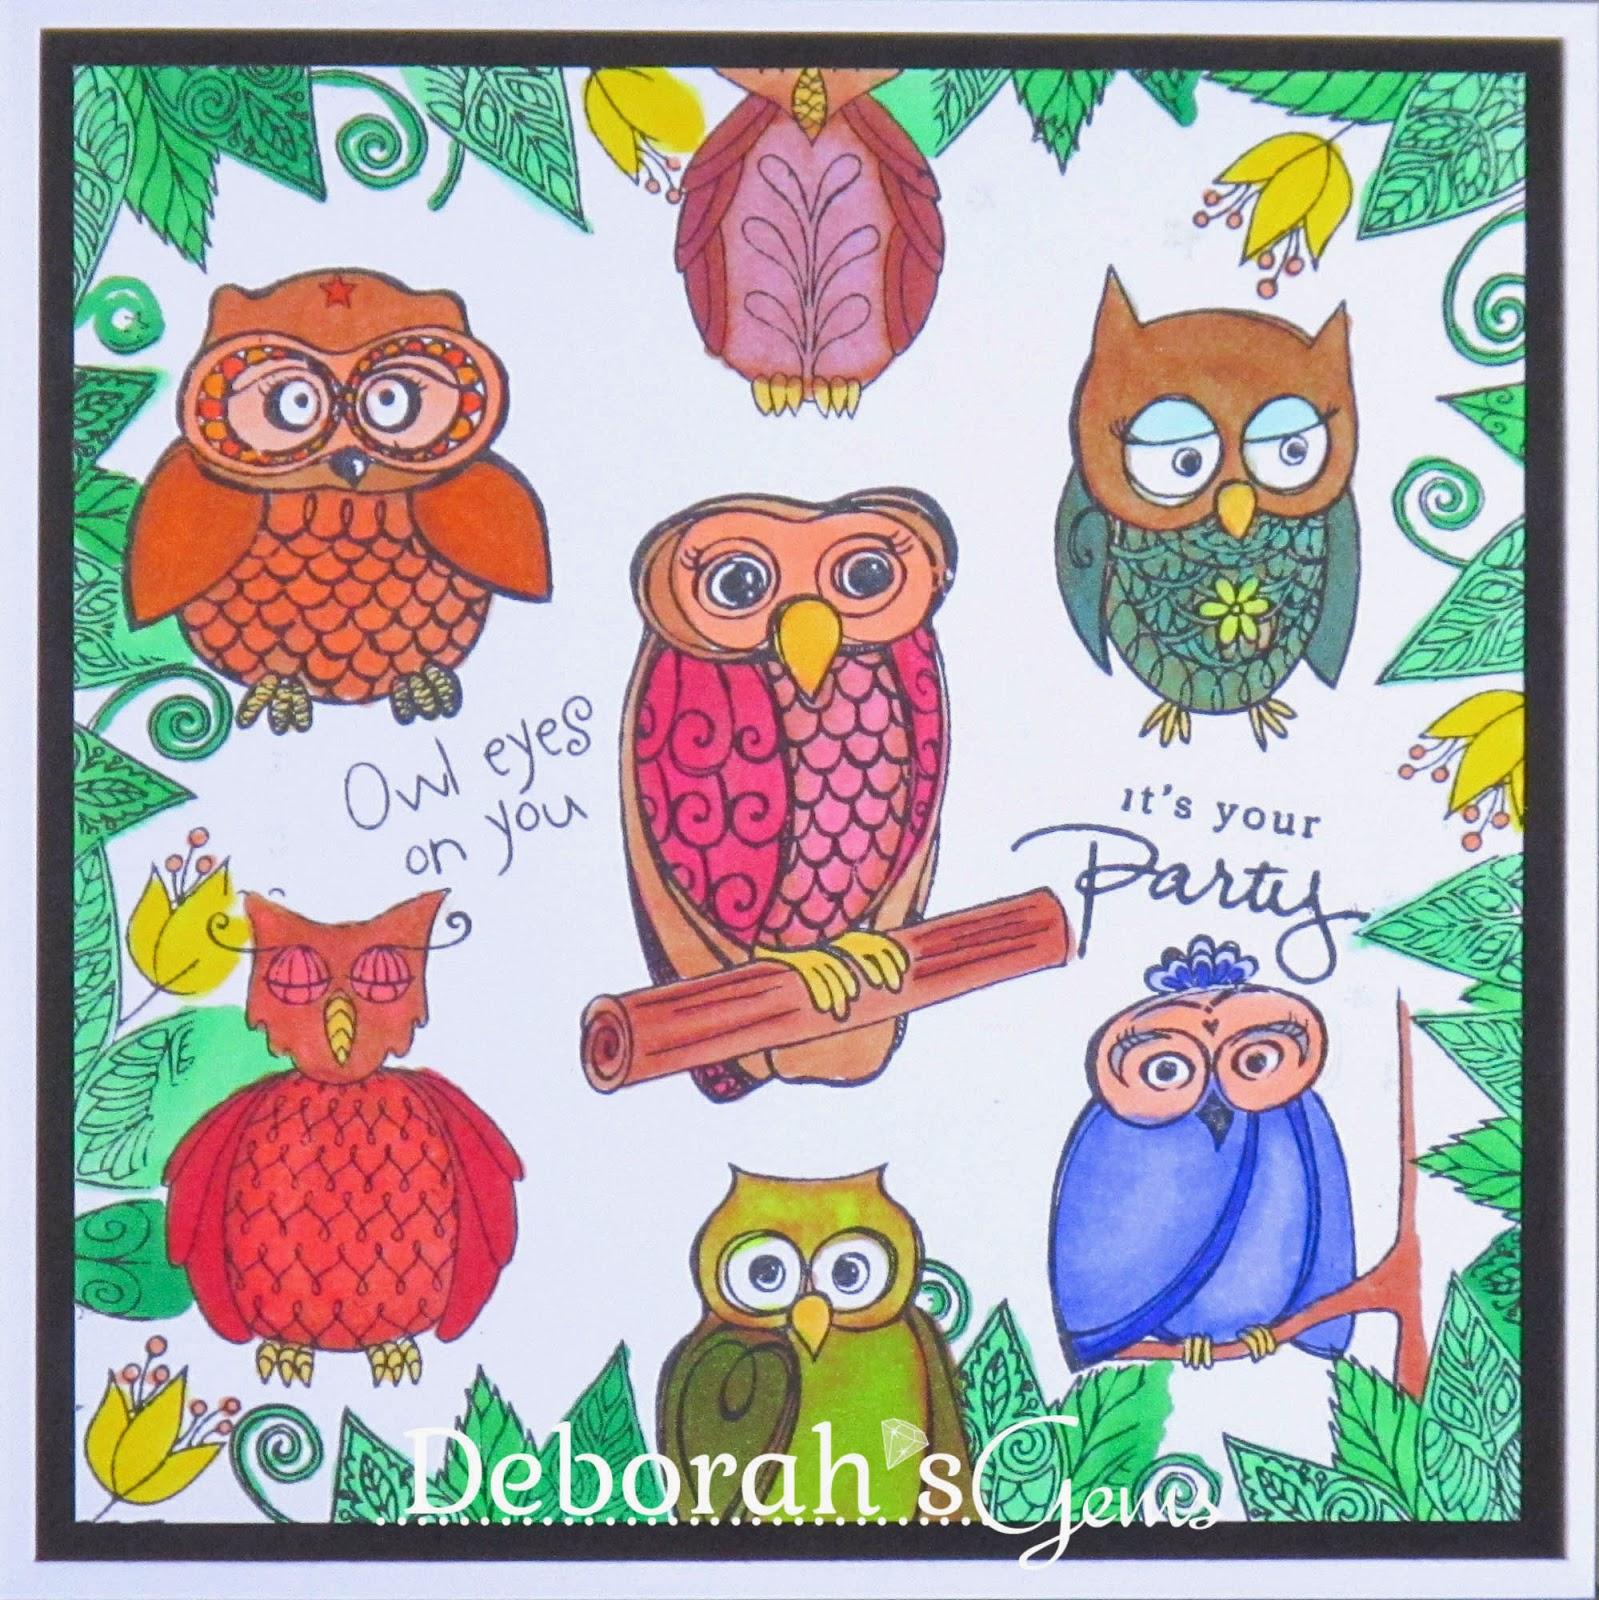 Owl Eyes on You - photo by Deborah Frings - Deborah's Gems